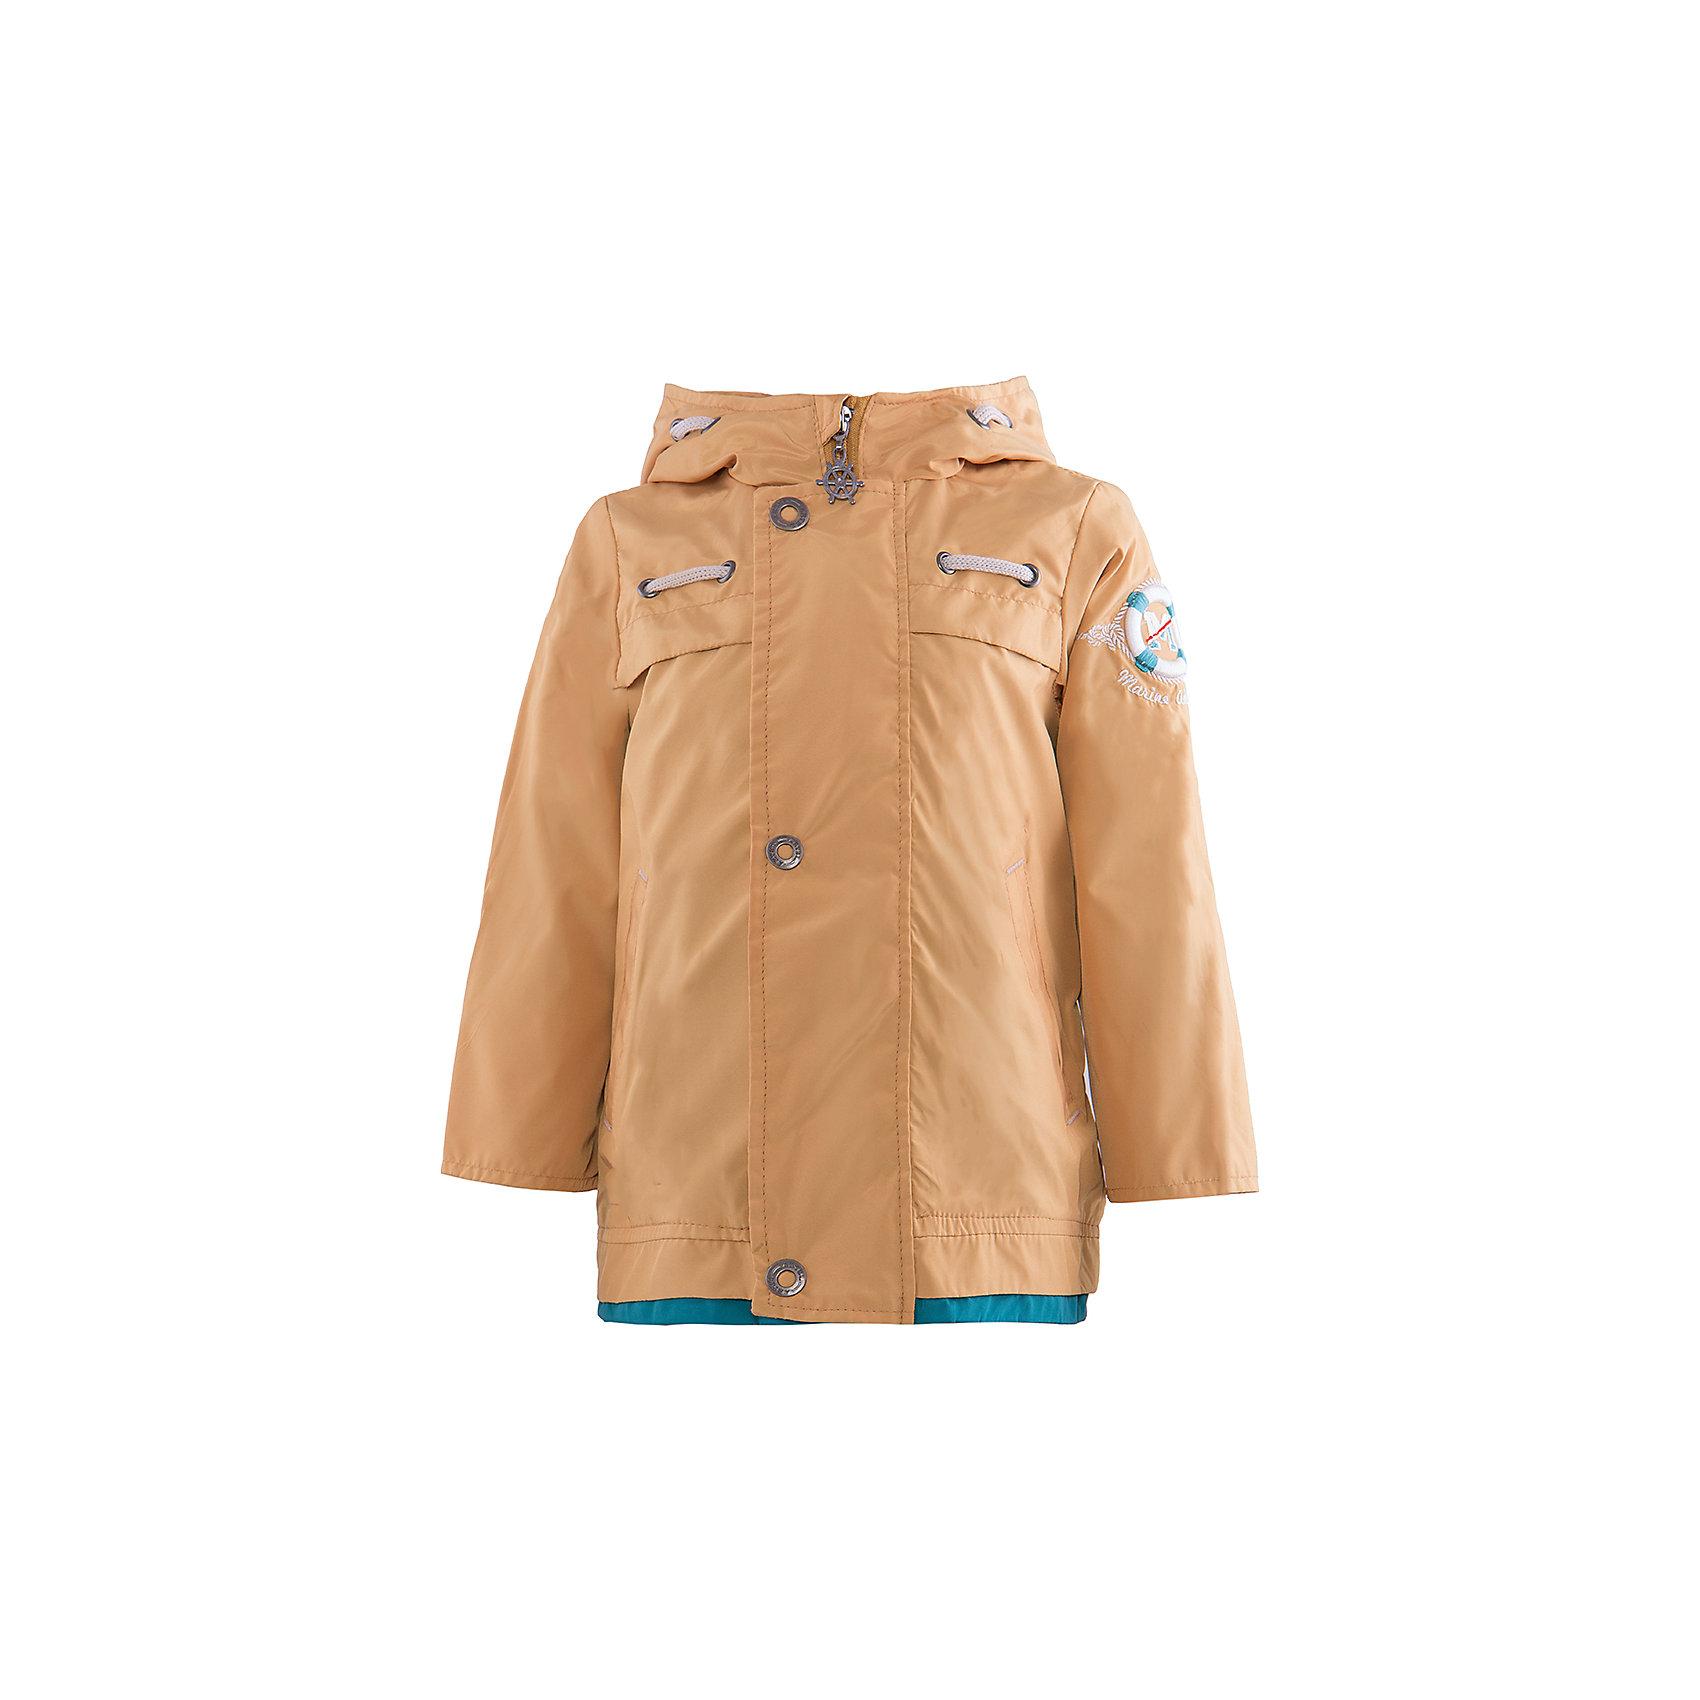 Ветровка для мальчика АртельВетровка для мальчика от торговой марки Артель &#13;<br>&#13;<br>Модная легкая куртка отлично подойдет для прогулок в прохладную погоду. Изделие выполнено из качественных материалов, имеет удобные карманы и капюшон. <br>Одежда от бренда Артель – это высокое качество по приемлемой цене и всегда продуманный дизайн. &#13;<br>&#13;<br>Особенности модели: &#13;<br>- цвет - желтый;&#13;<br>- наличие карманов;&#13;<br>- наличие капюшона;&#13;<br>- дизайн в морском стиле;&#13;<br>- декорирована вышивкой;&#13;<br>- застежка-молния.&#13;<br>&#13;<br>Дополнительная информация:&#13;<br>&#13;<br>Состав: &#13;<br>- верх: PRINC;&#13;<br>- подкладка: хлопок интерлок, тиси.&#13;<br>&#13;<br>Температурный режим: &#13;<br>от +10 °C до +20 °C&#13;<br>&#13;<br>Ветровку для мальчика Артель (Artel) можно купить в нашем магазине.<br><br>Ширина мм: 356<br>Глубина мм: 10<br>Высота мм: 245<br>Вес г: 519<br>Цвет: желтый<br>Возраст от месяцев: 12<br>Возраст до месяцев: 15<br>Пол: Мужской<br>Возраст: Детский<br>Размер: 80,86,104,92,98<br>SKU: 4496208